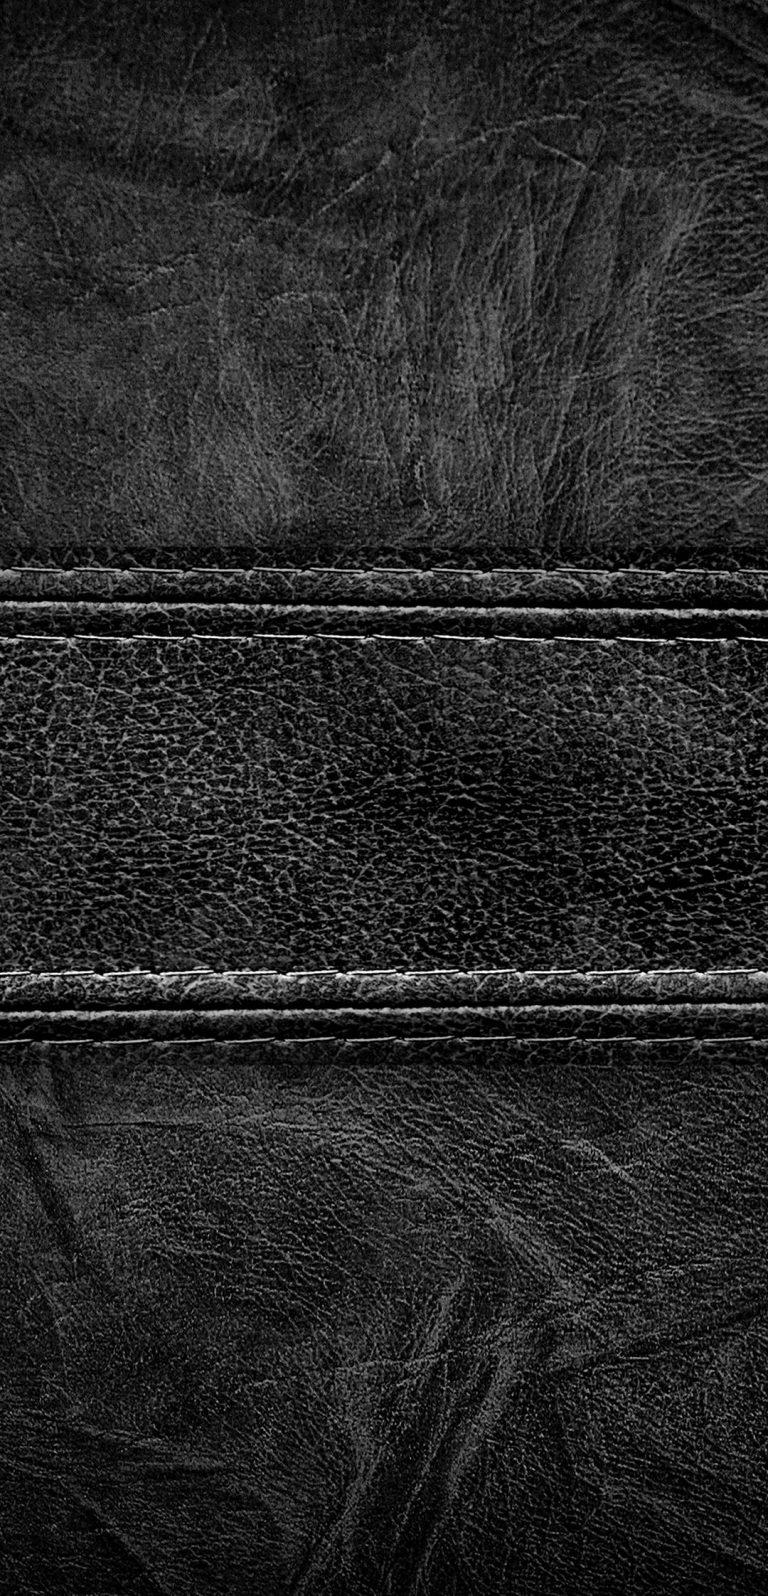 1080x2244 Wallpaper 146 768x1596